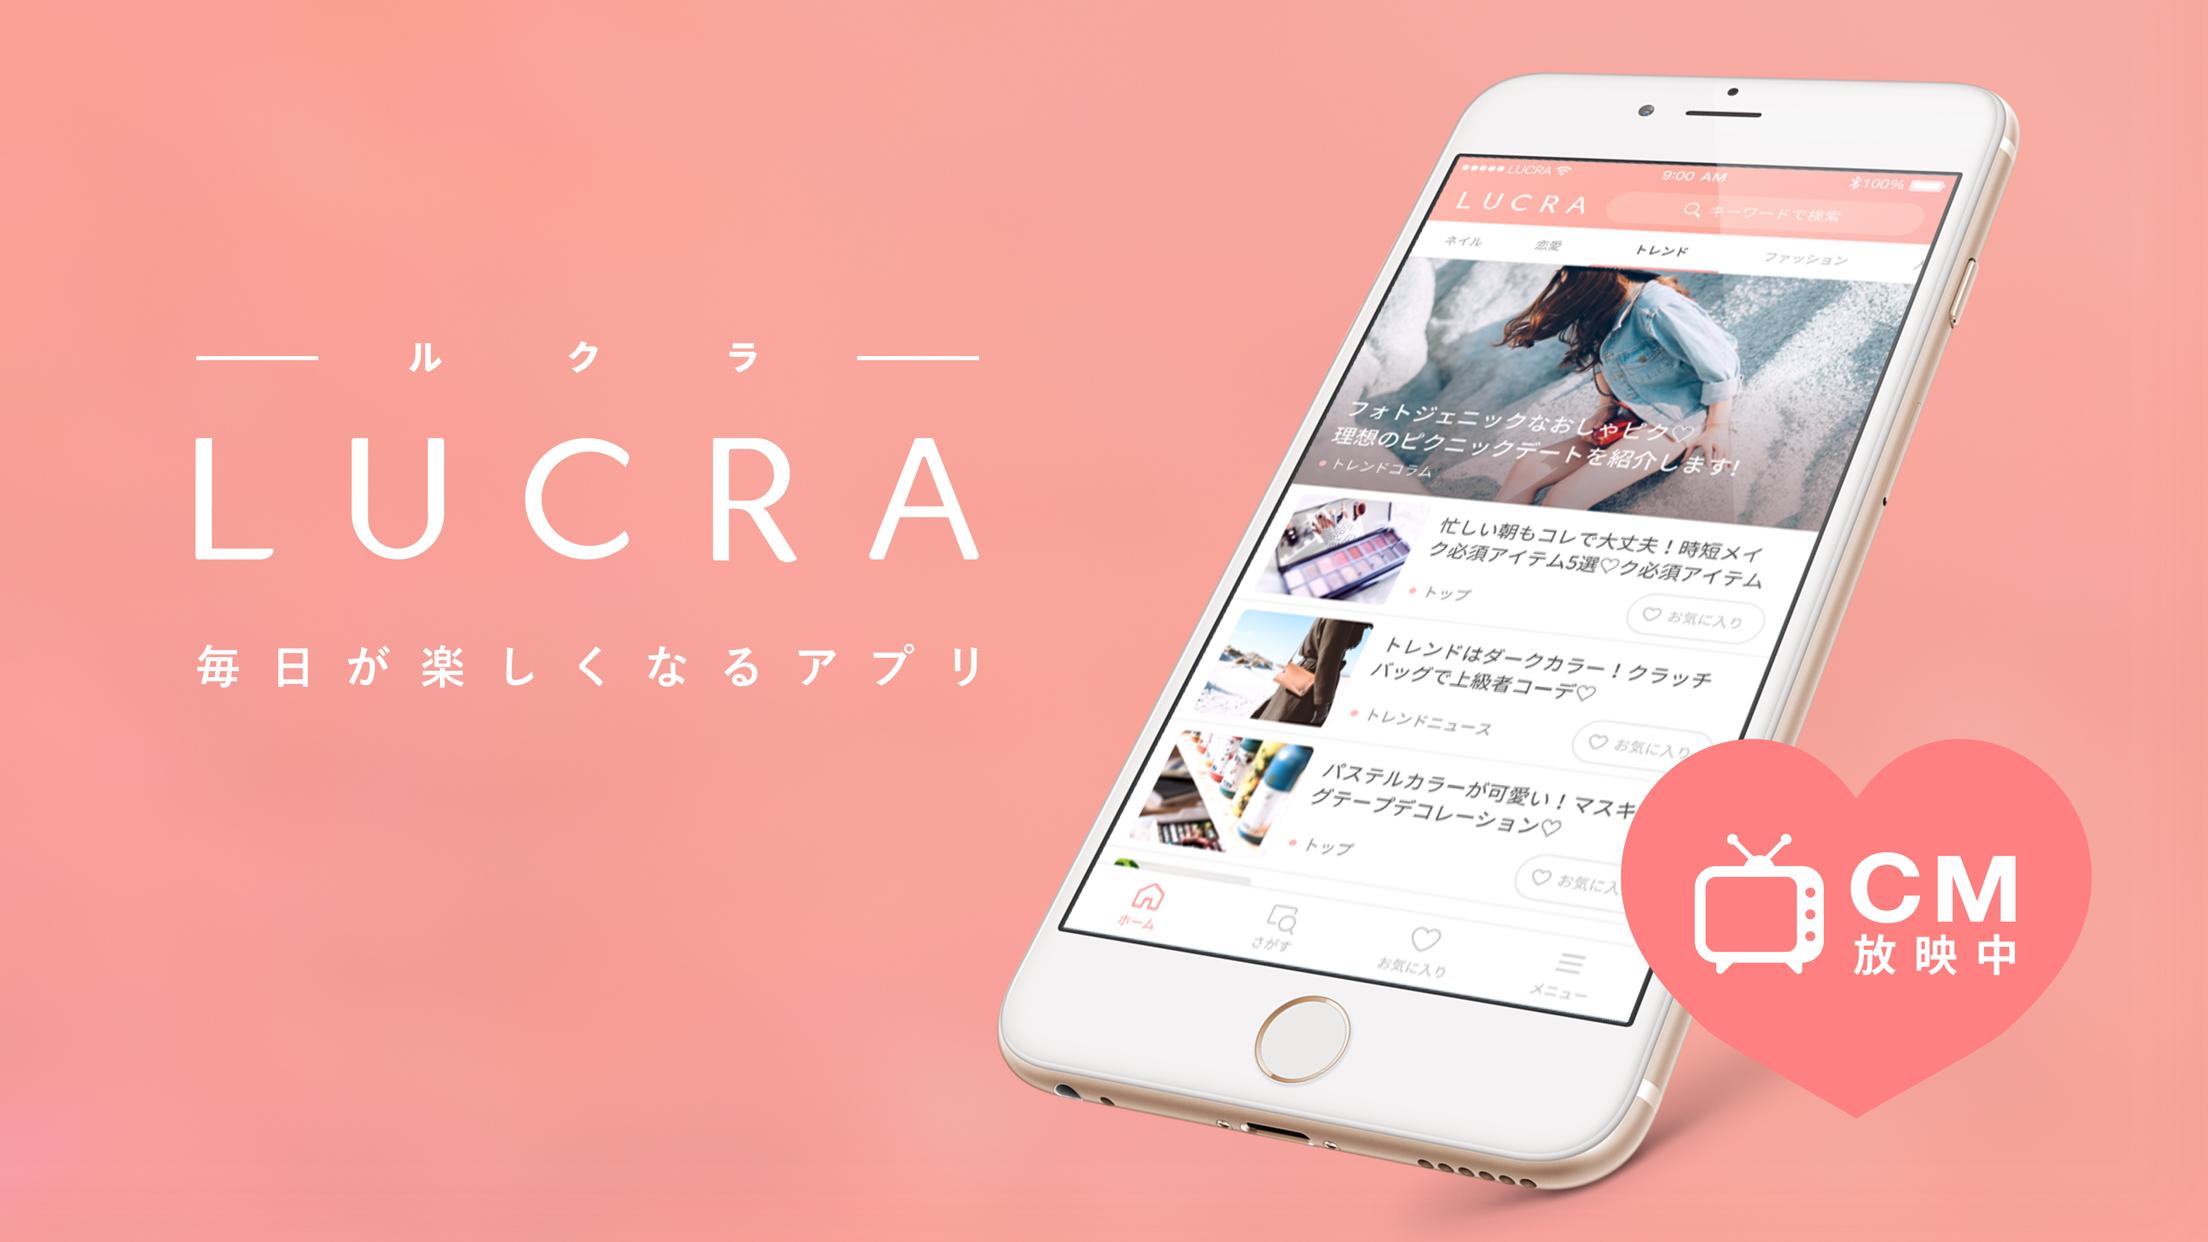 「LUCRA(ルクラ)は女性向け情報収集アプリ!特徴やおすすめポイントまとめ」のアイキャッチ画像